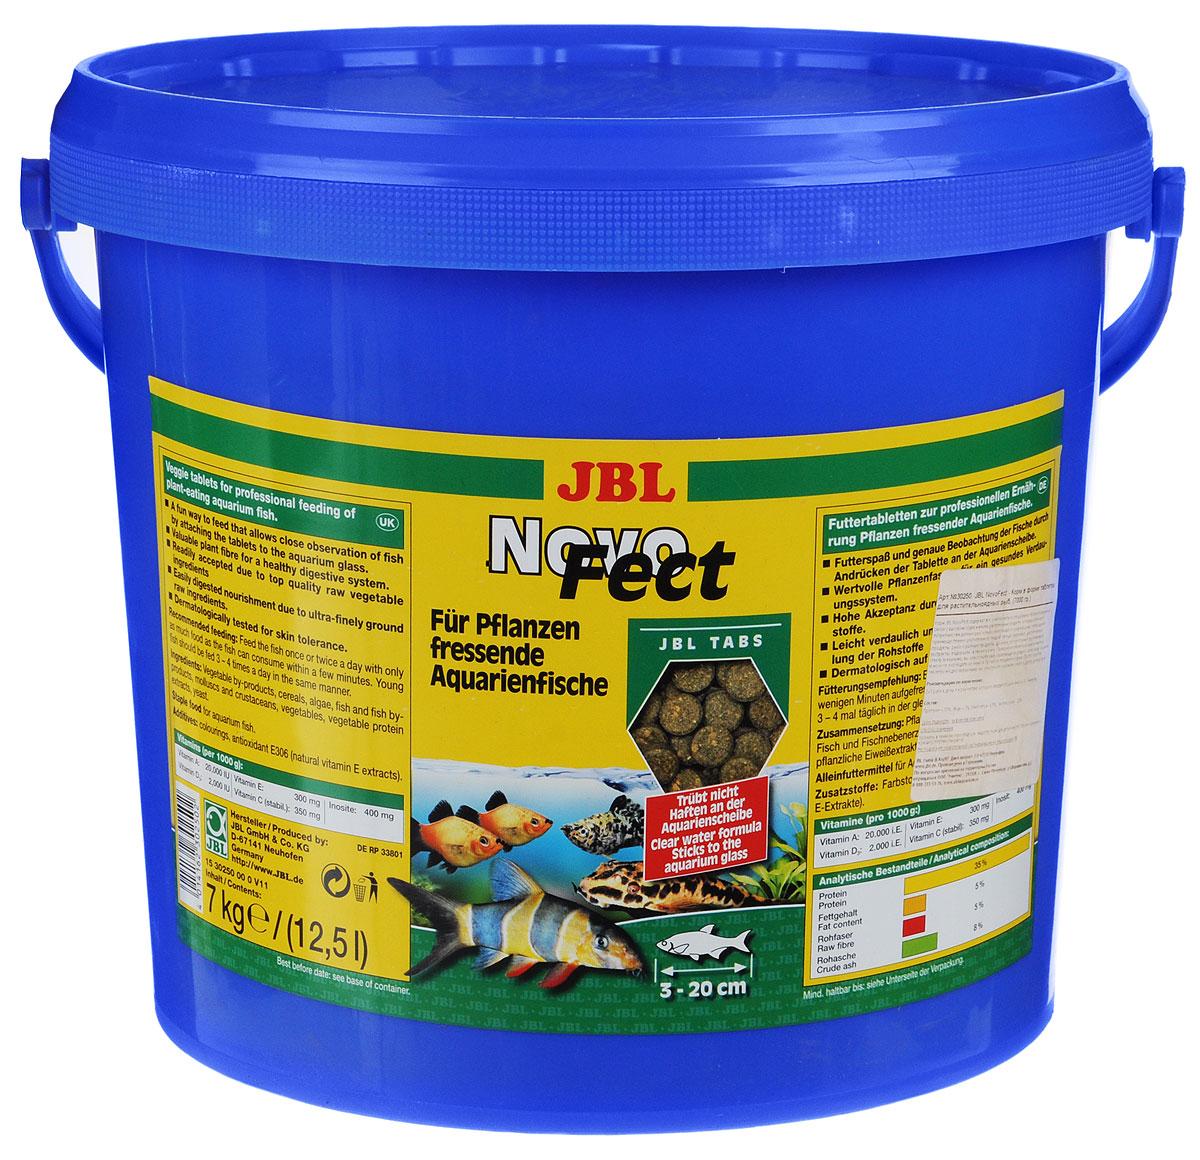 Корм в форме таблеток JBL NovoFect для растительноядных рыб, 7 кгJBL3025000Корм в форме таблеток JBL NovoFect содержит все компоненты в специально сбалансированной смеси с высоким содержанием растительных веществ, которые отвечают потребностям донных рыб и рыб, обитающих в средней зоне, питающихся преимущественно растительной пищей: овощи, зерновые, растительные продукты, рыба и рыбные продукты, дрожжи, растительные протеиновые экстракты, водоросли, а также рачки. Прикрепив таблетку в любом месте к стеклу аквариума, вы обеспечите рыб, обитающих в редних слоях воды, кормом и можете наблюдать за ними в процессе поедания. Просто опустив таблетку на дно аквариума вы обеспечите кормом сомов и других донных рыб. Товар сертифицирован.